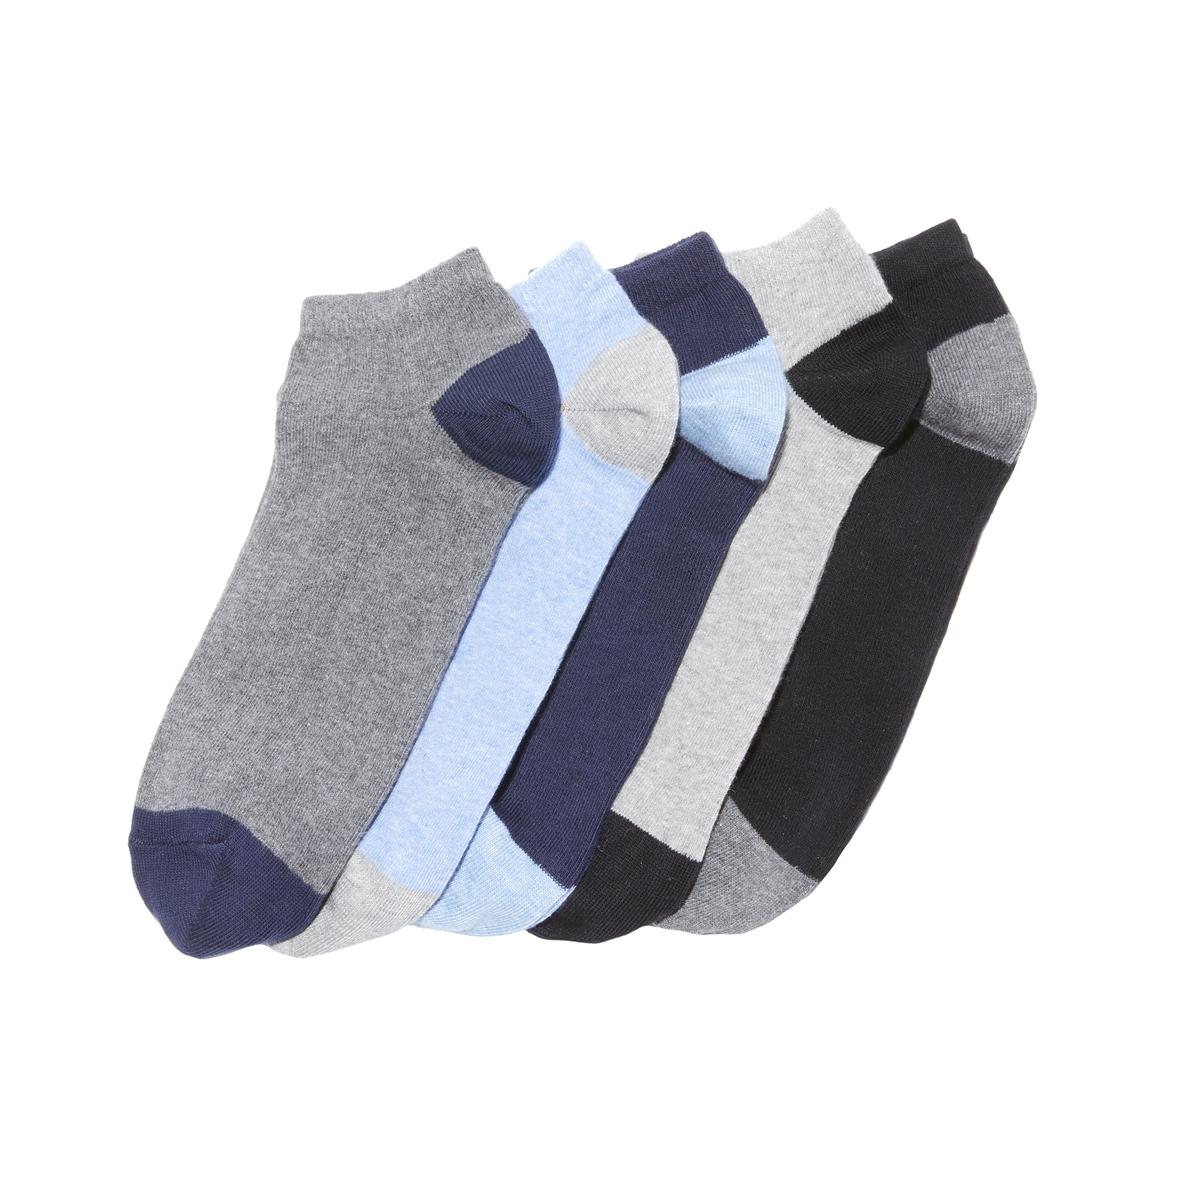 Комплект из 5 пар коротких носков 5 пар низких носков